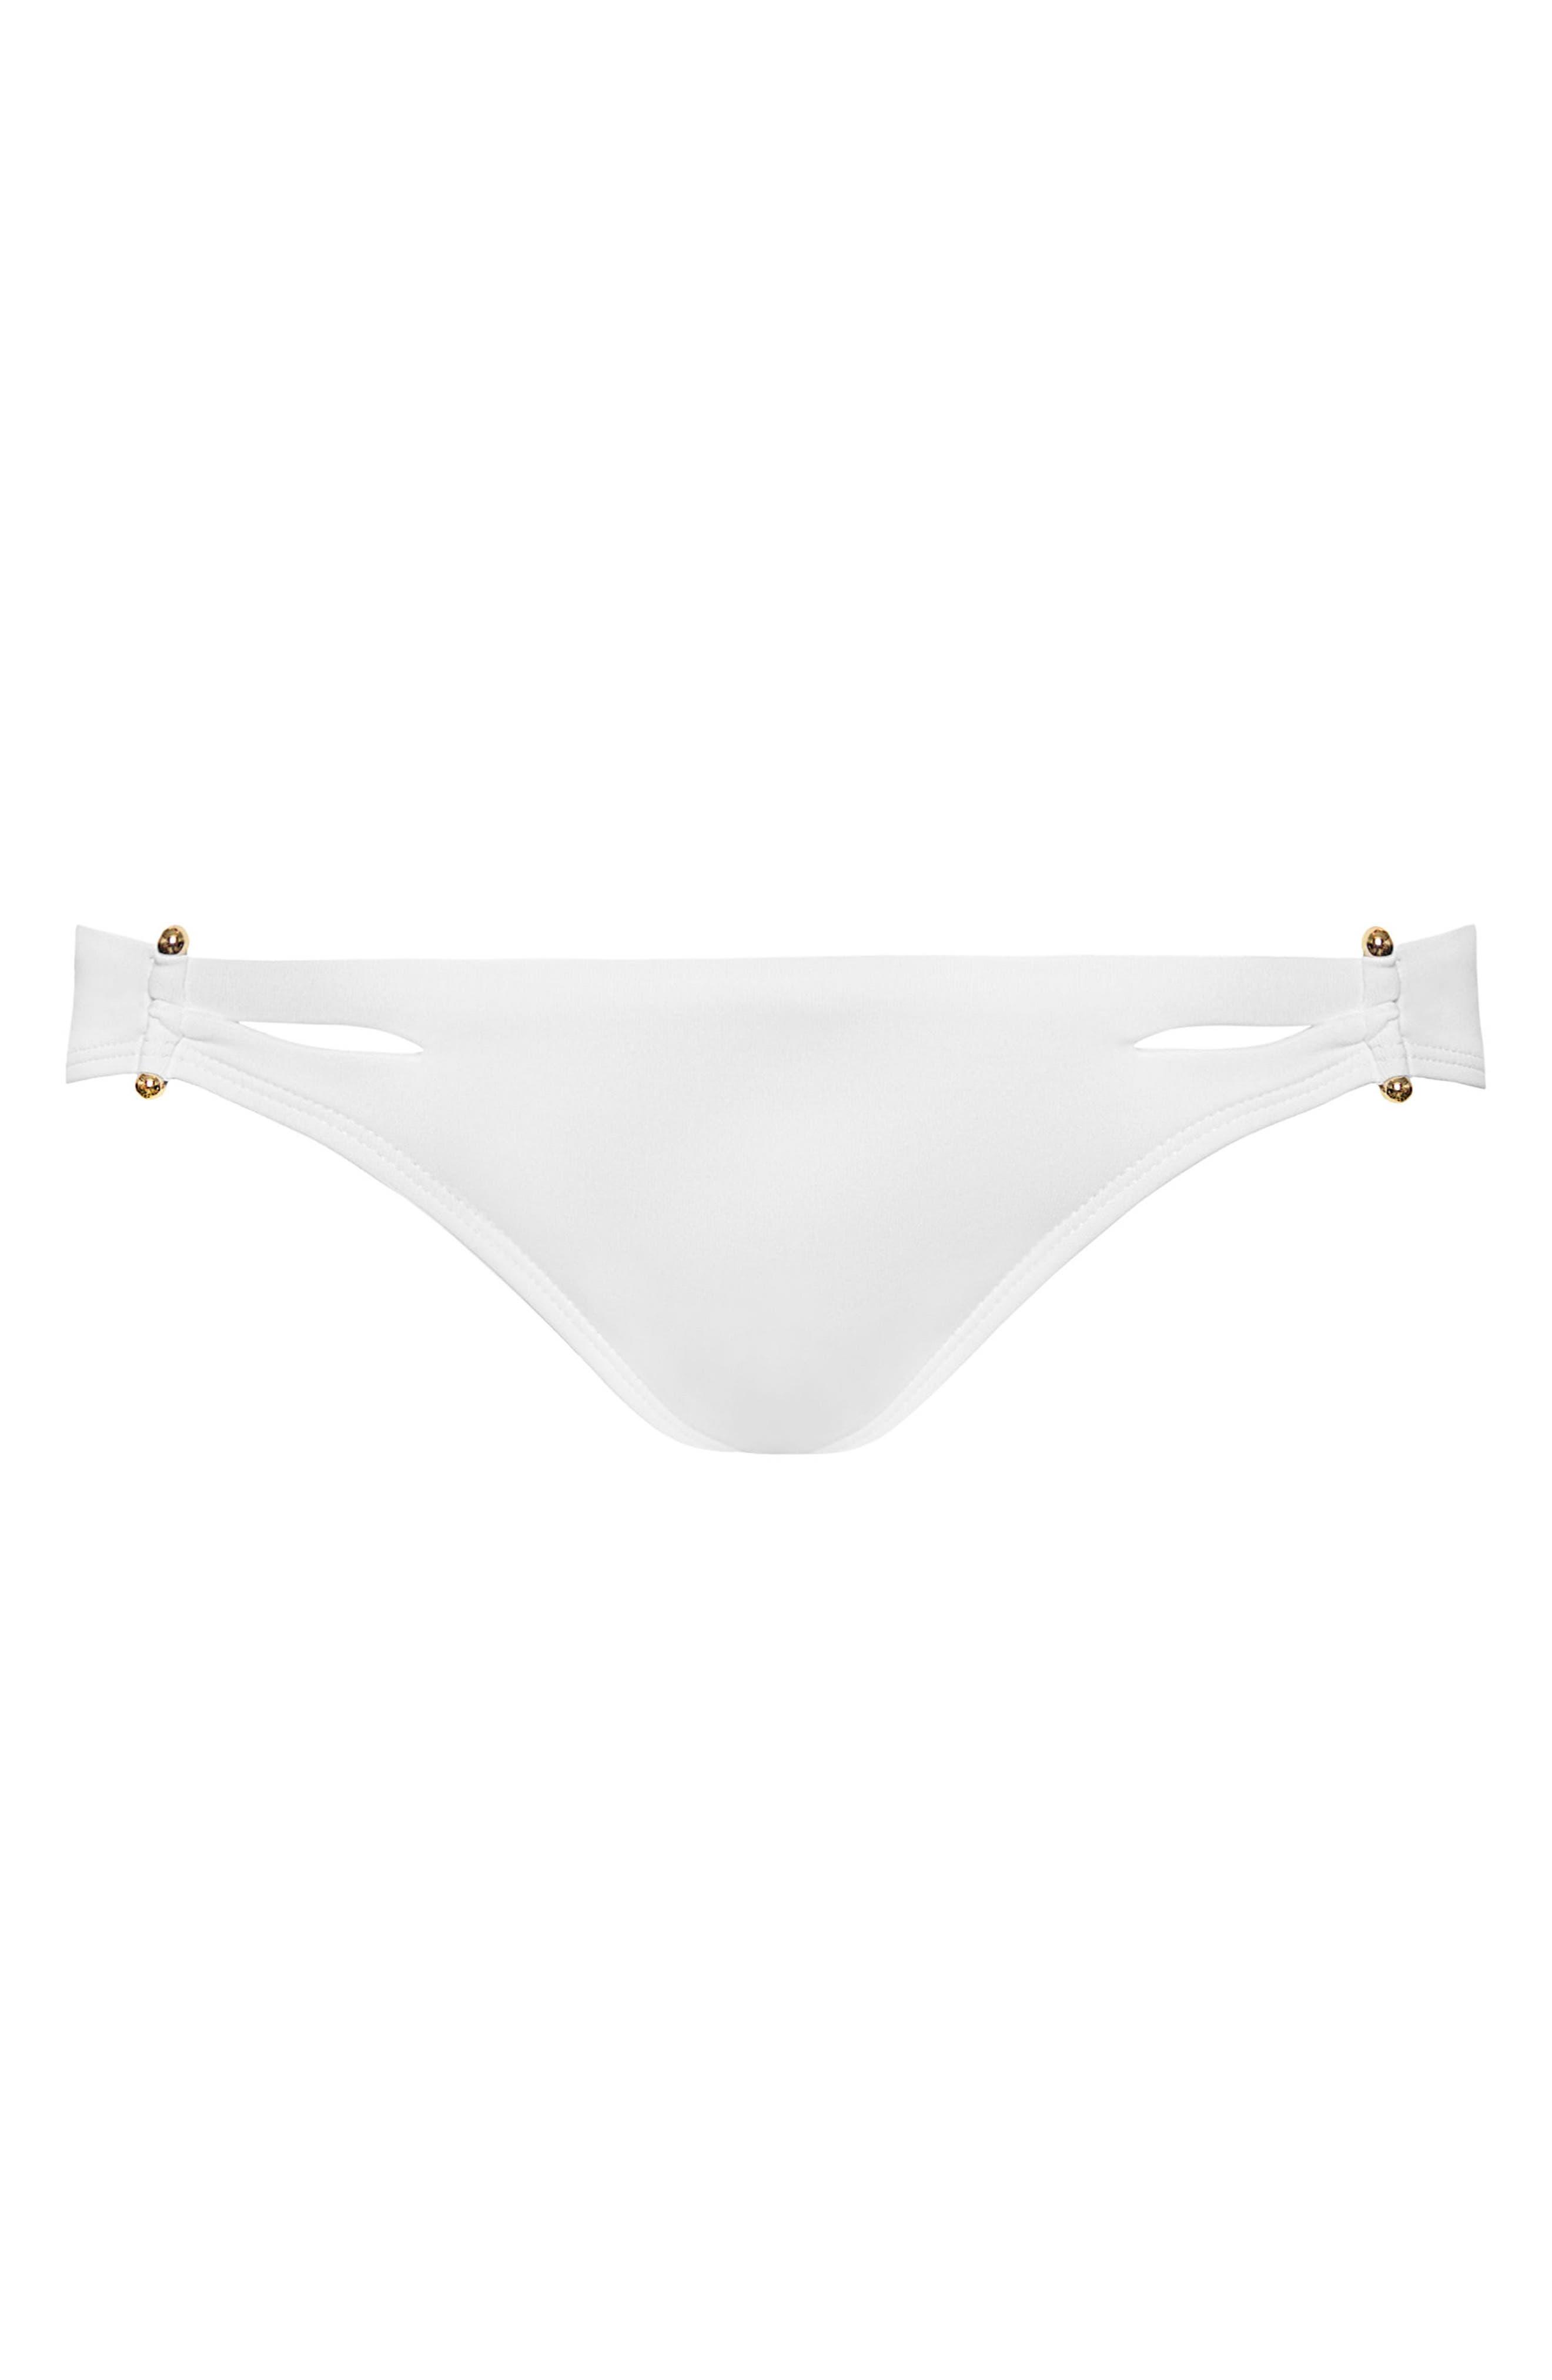 Ava Bikini Bottoms,                             Alternate thumbnail 3, color,                             100